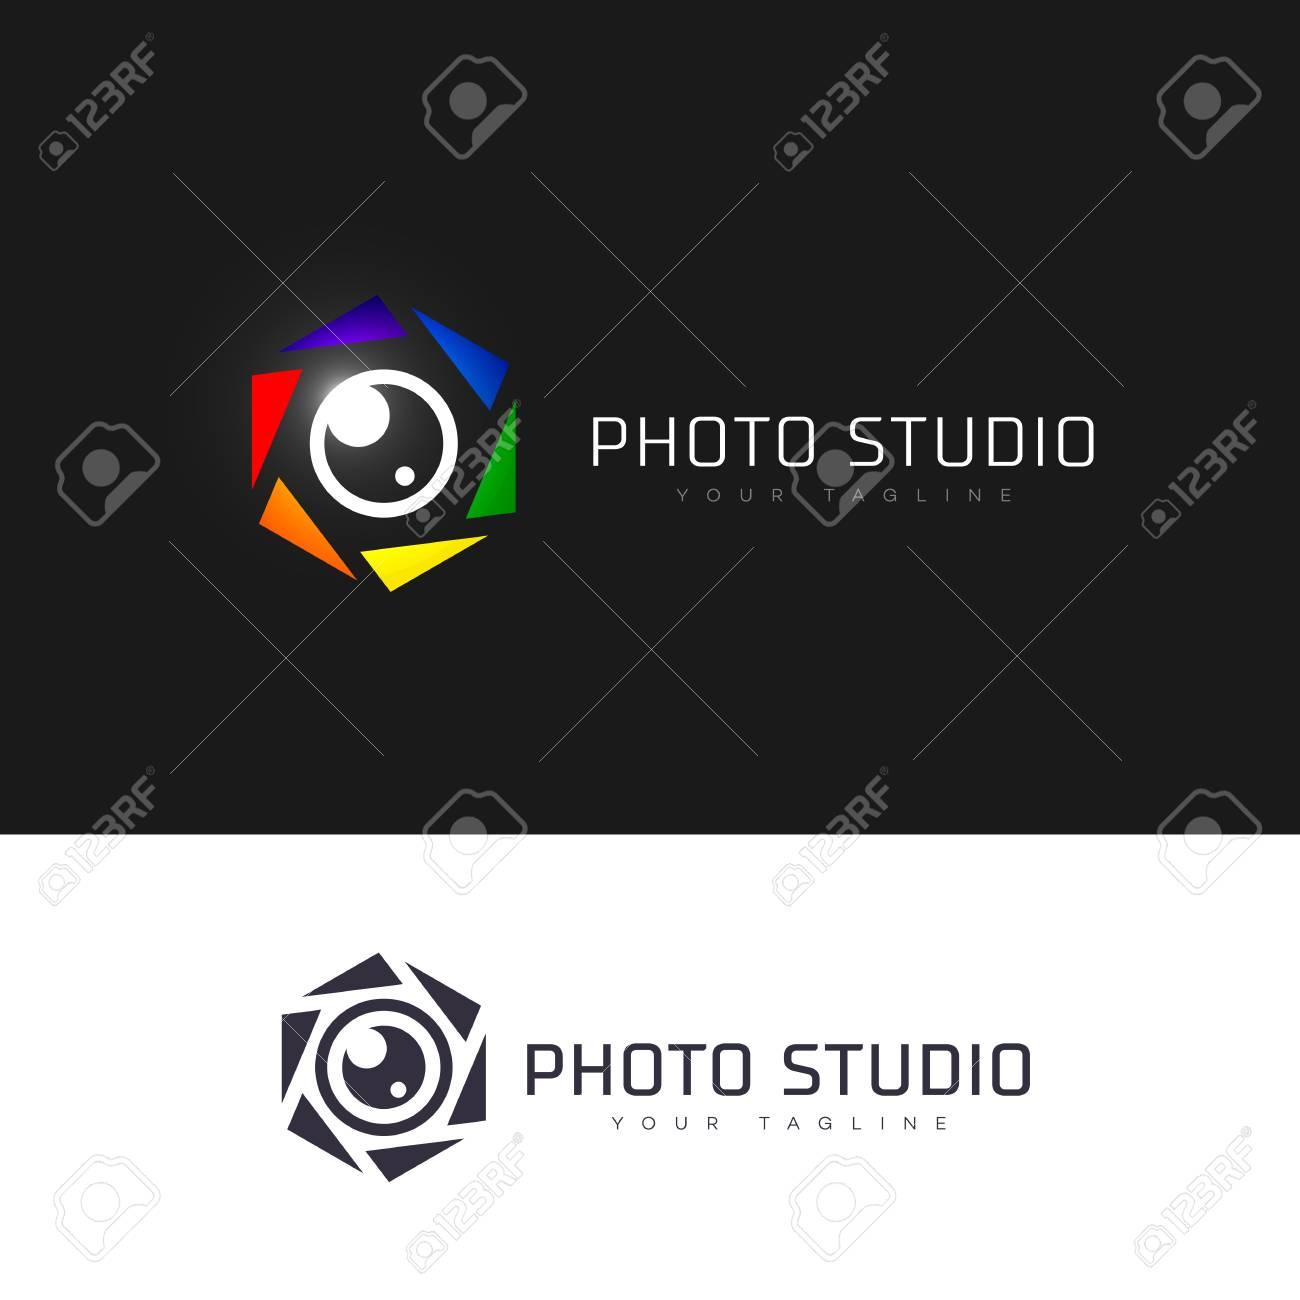 Diseño De Plantilla De Estudio De Imagen Hexagonal. Ilustraciones ...